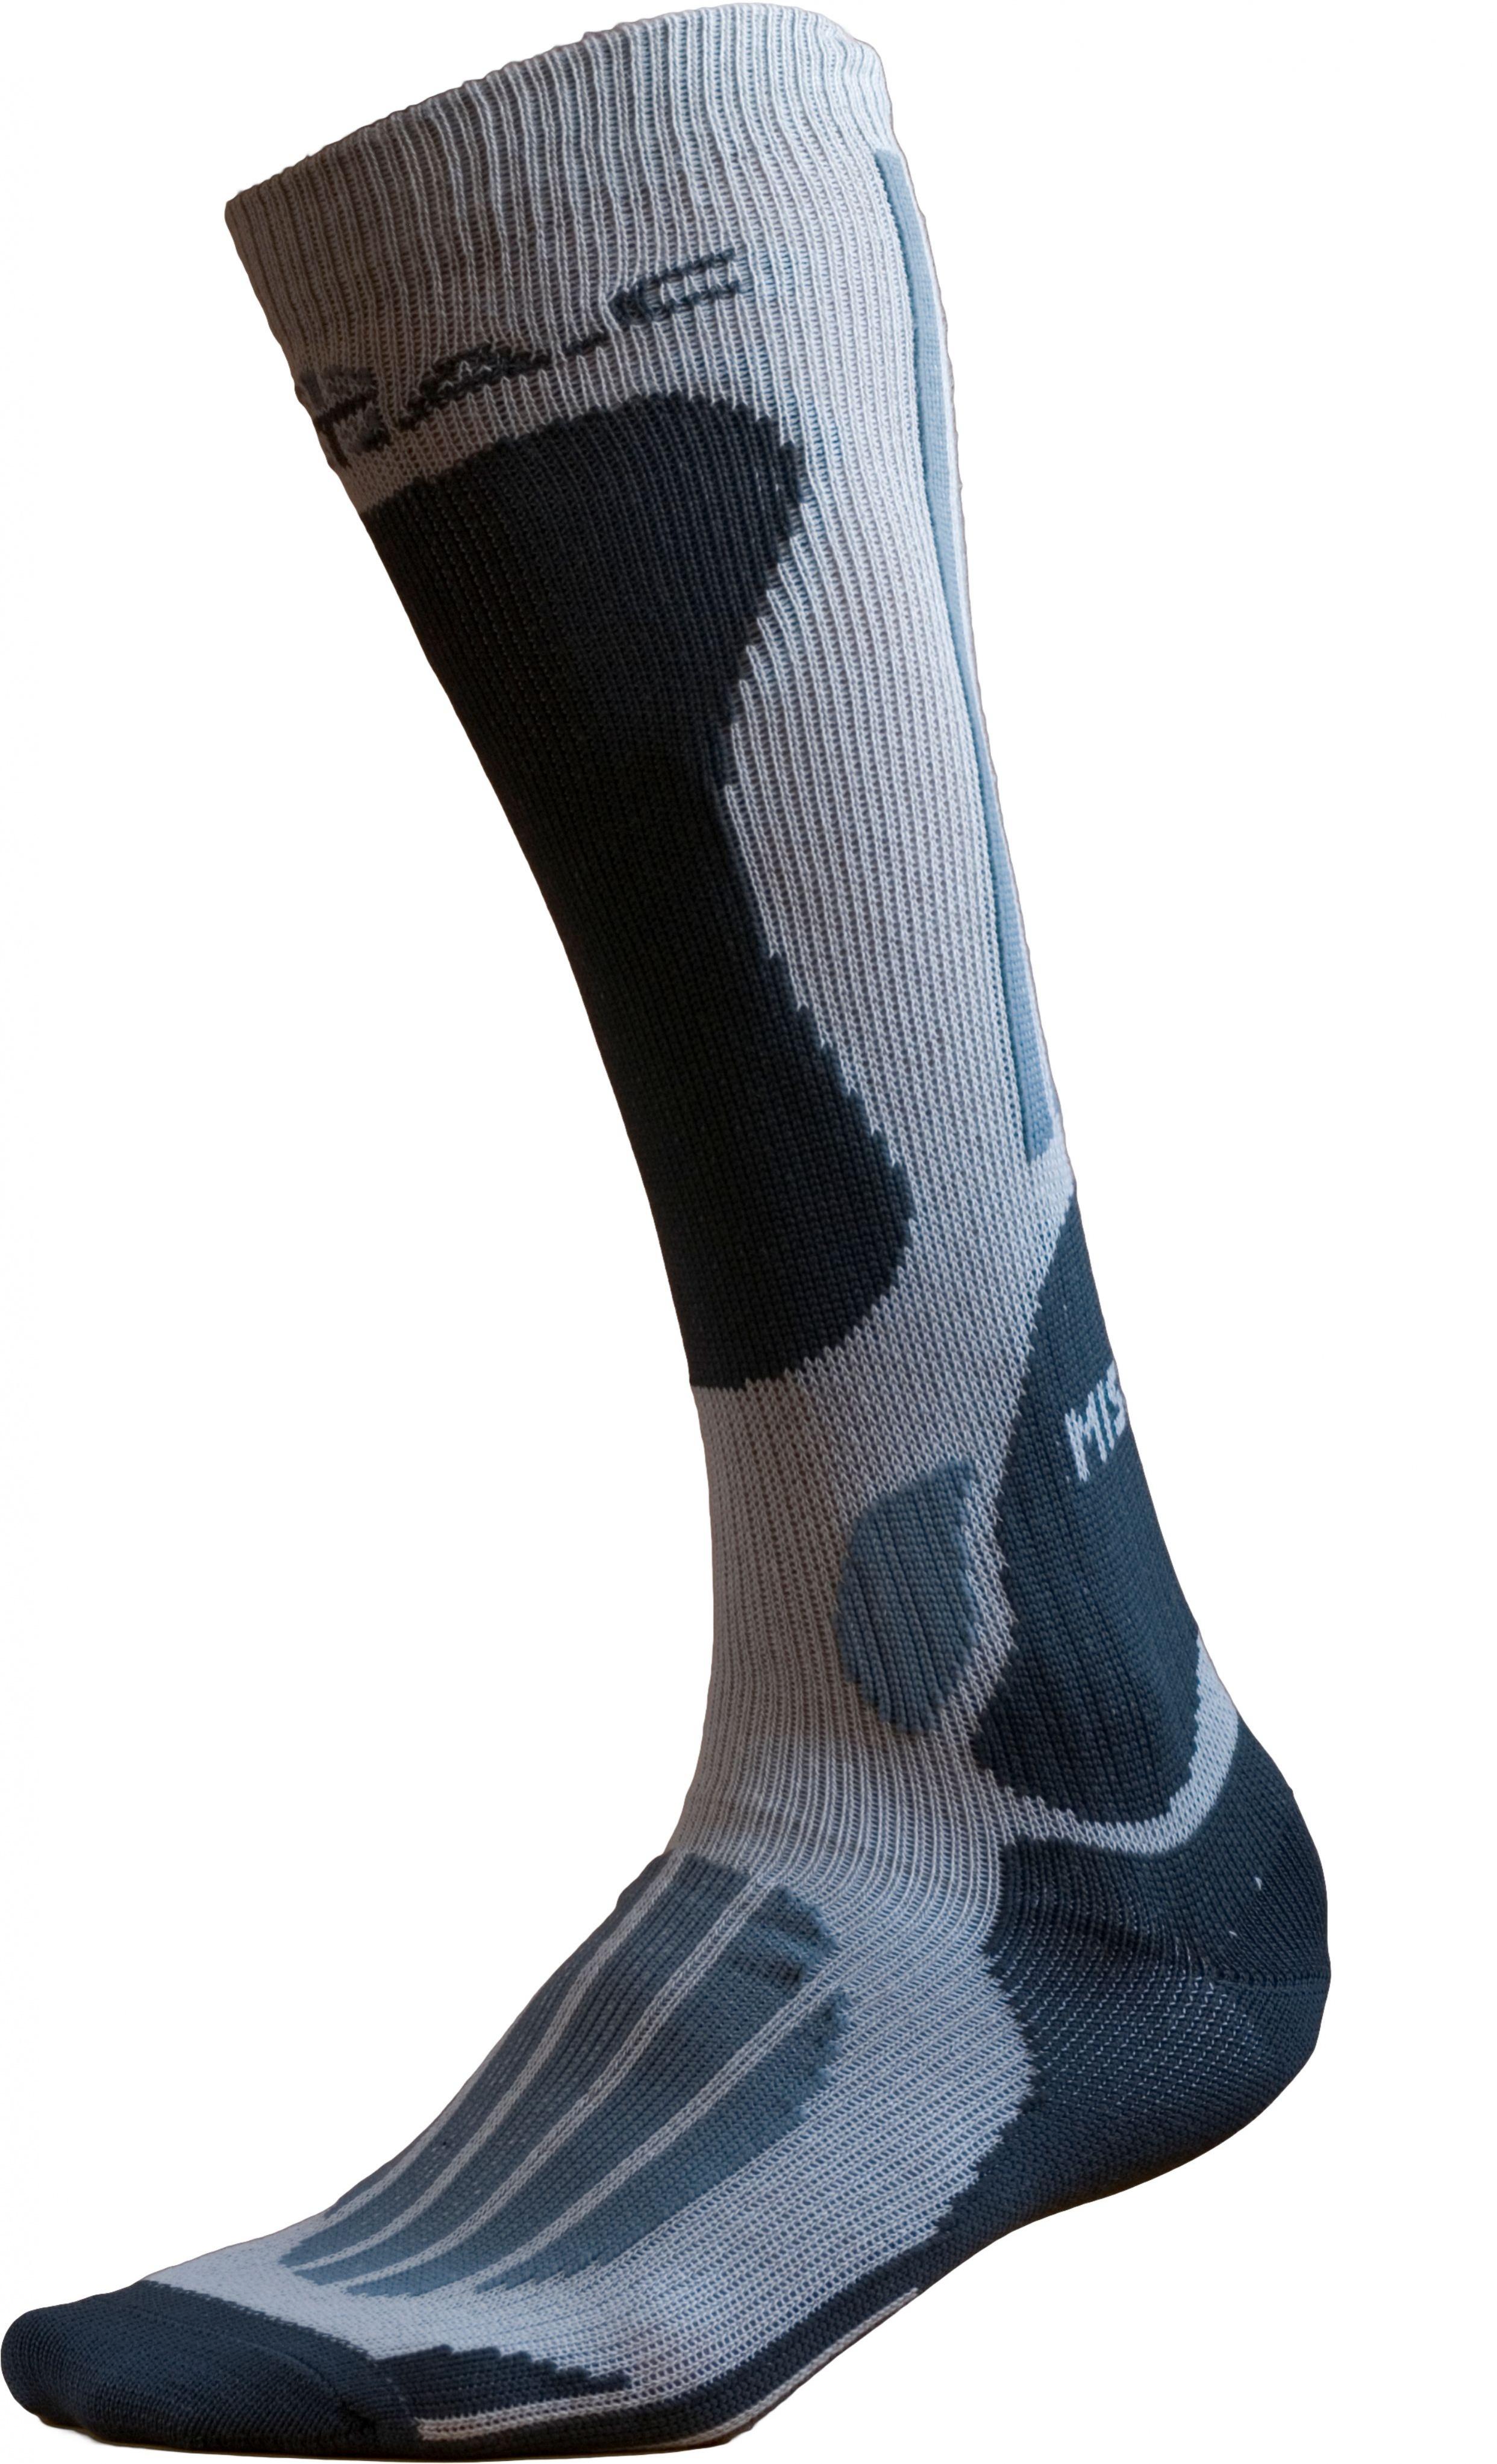 Ponožky BATAC Mission MI13 vel. 39-41 - grey